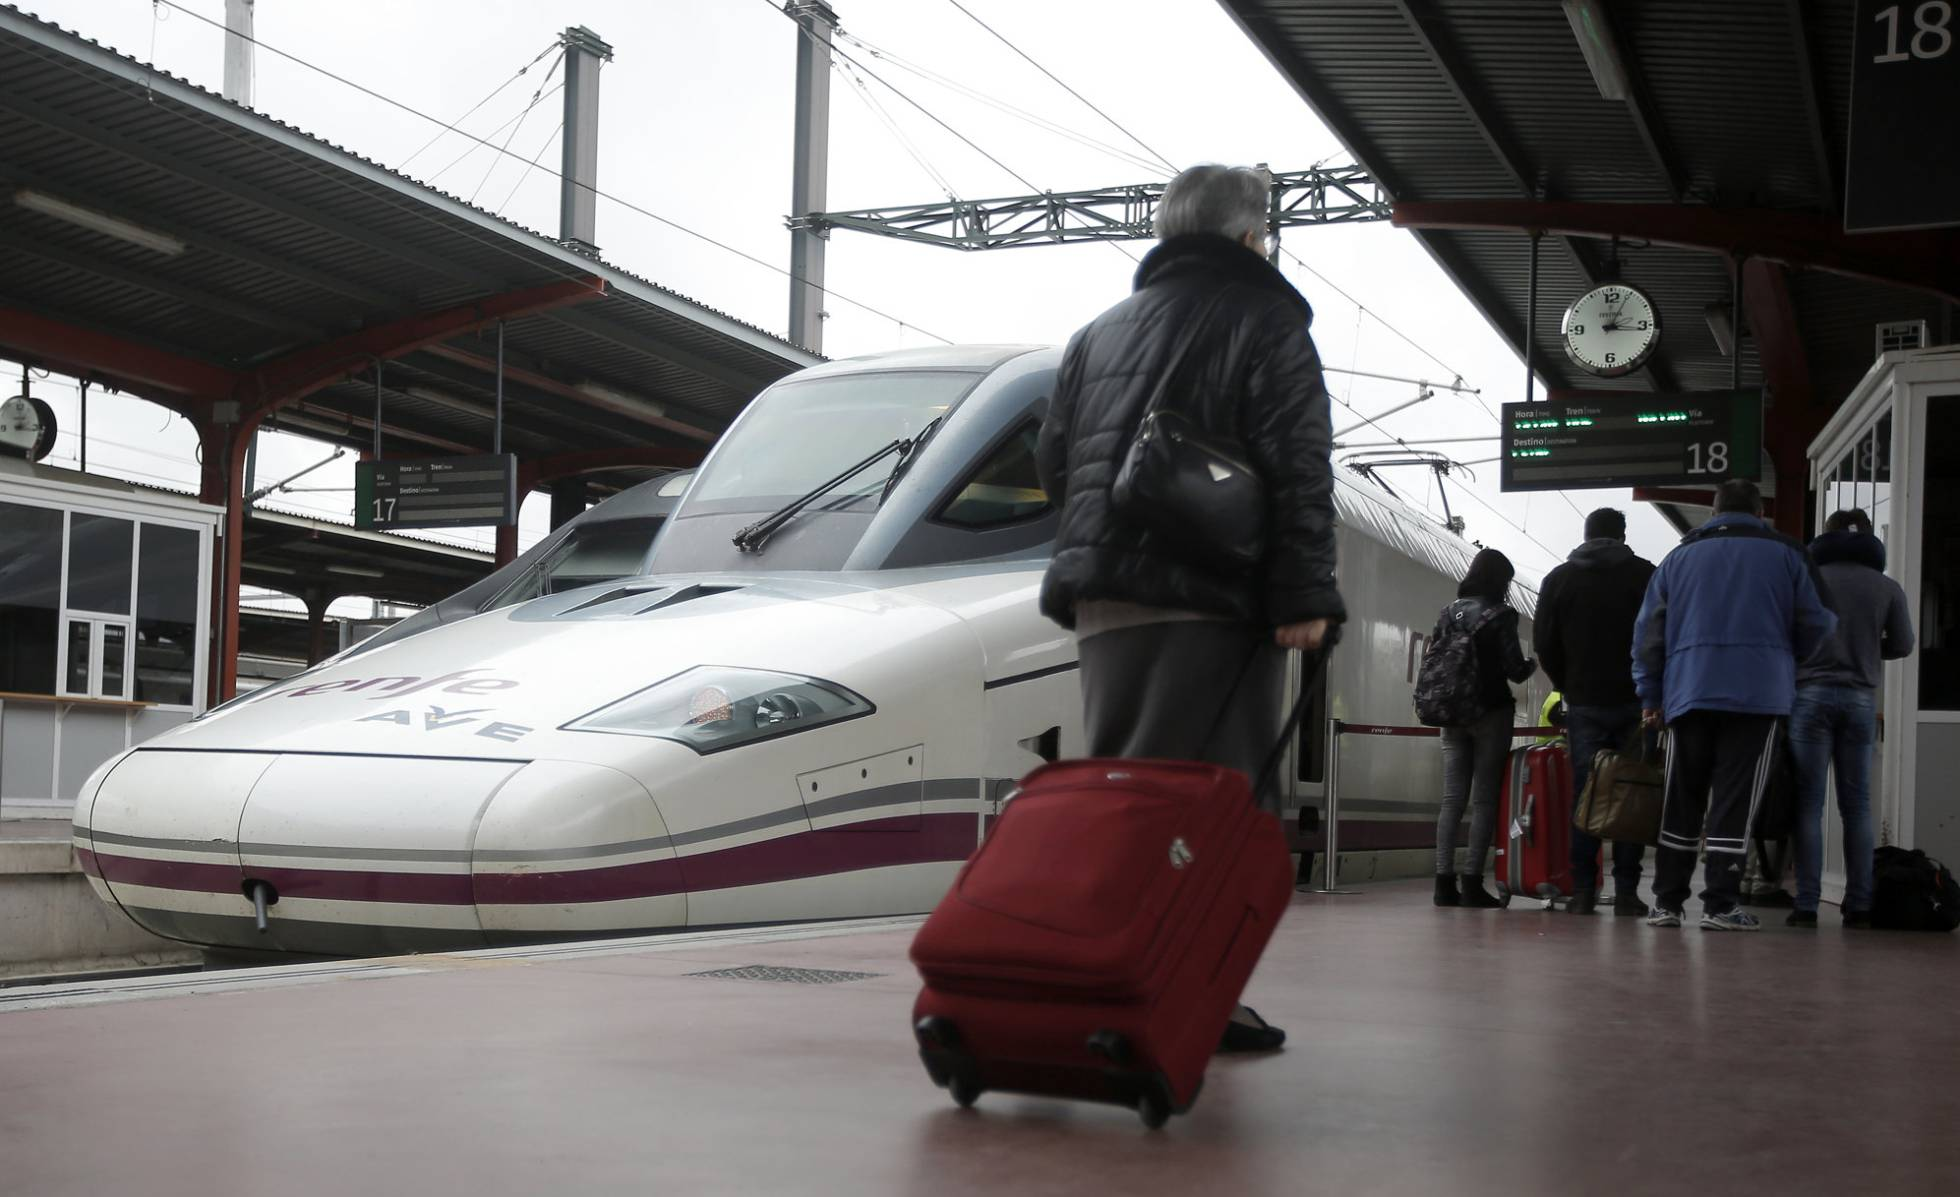 Tren AVE estacionado en la estación de Chamartín en Madrid. Carlos Rosillo